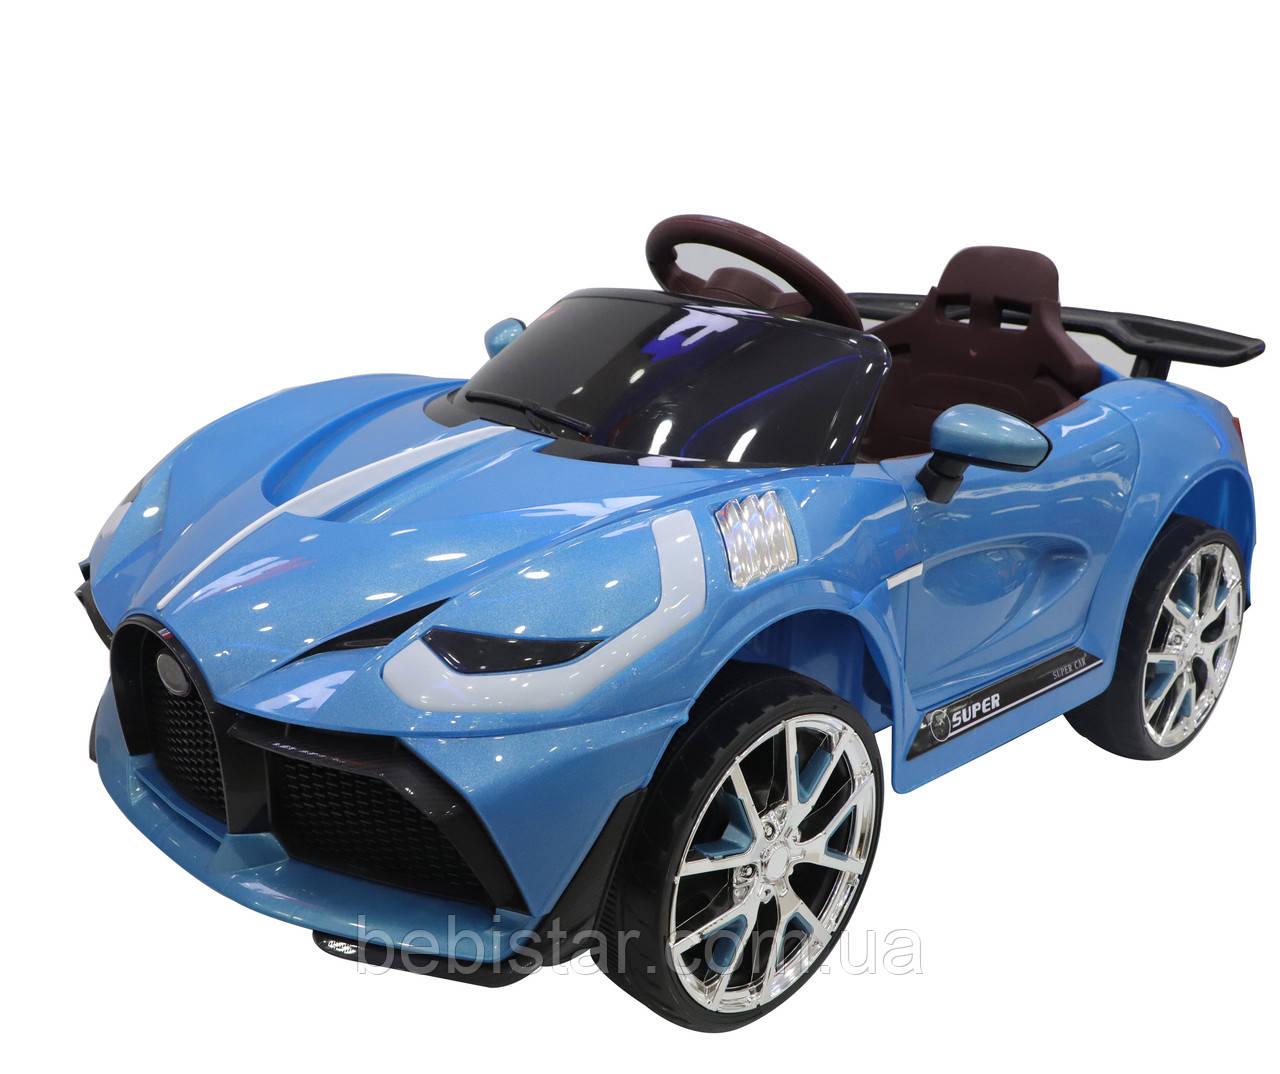 Детский электромобиль синий на EVA колесах детям от 3 лет с пультом и MP3